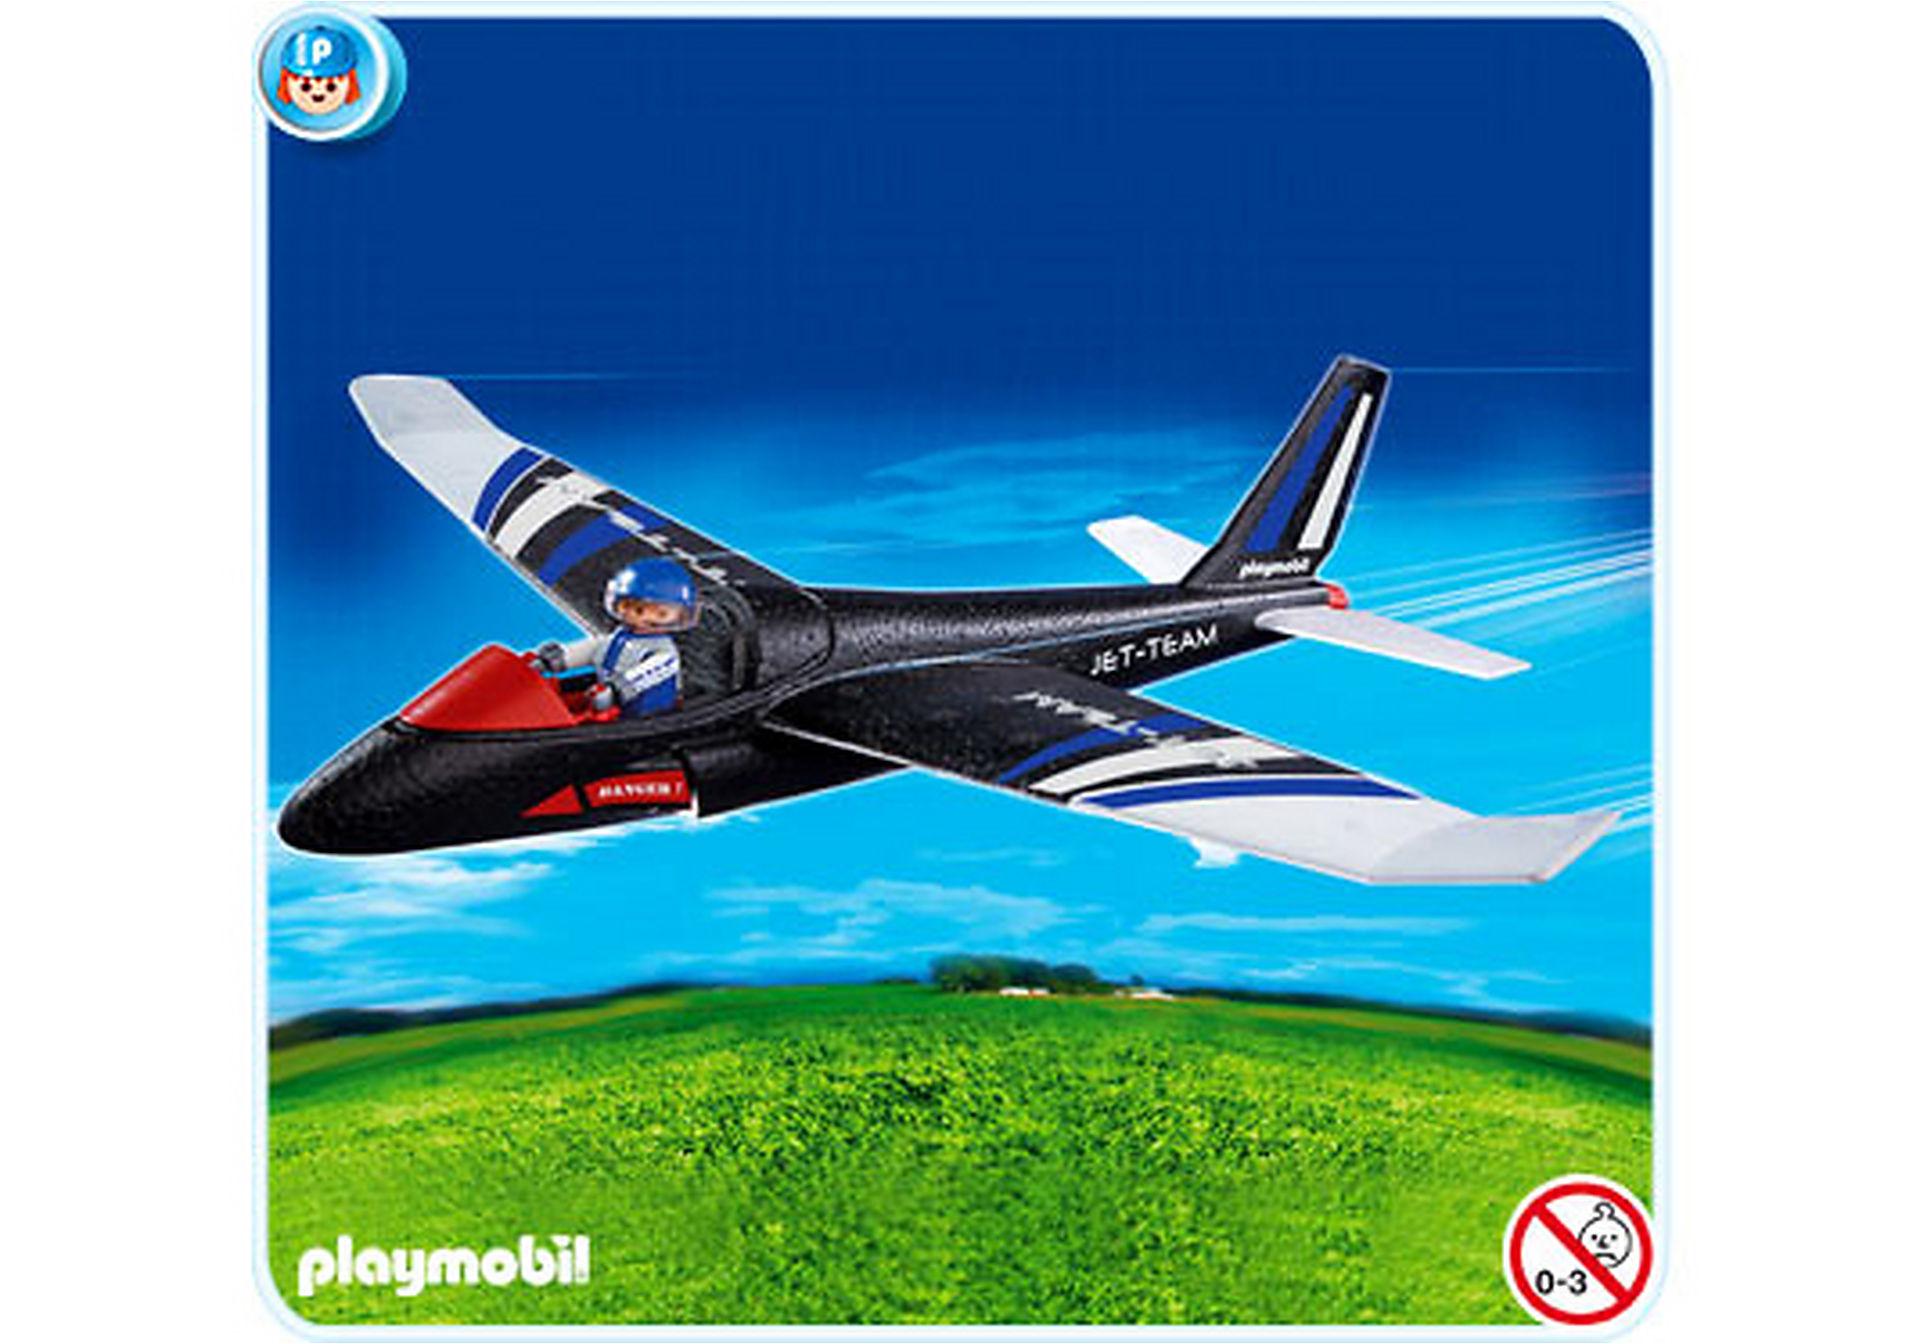 4215-A Wurfgleiter Jet-Team zoom image1